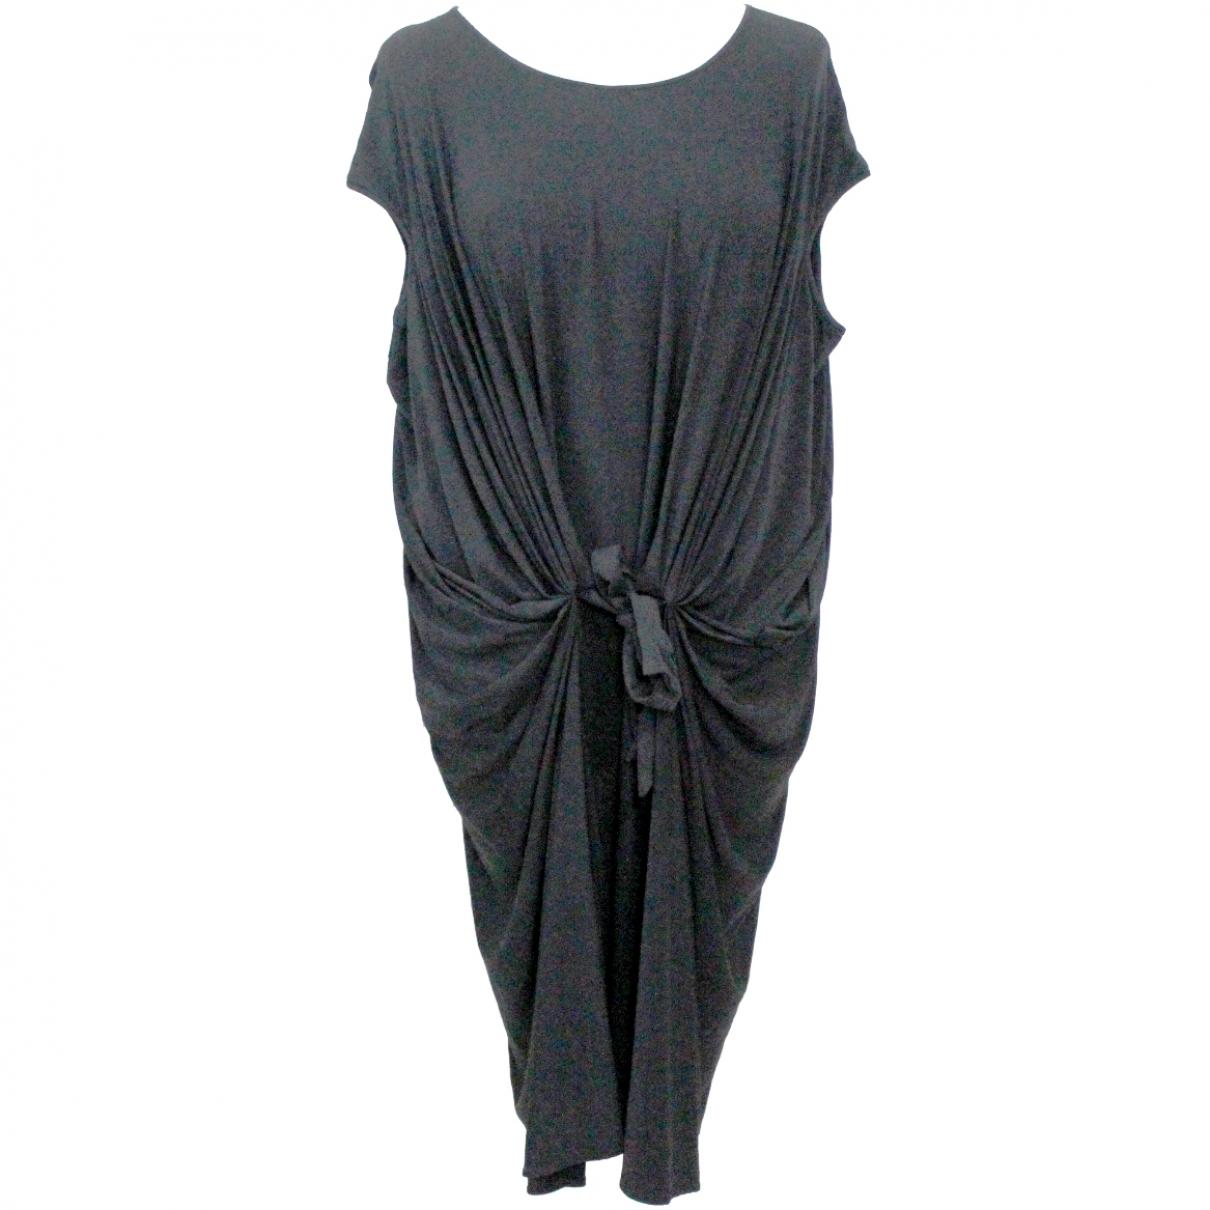 Diane Von Furstenberg \N Black dress for Women 8 US